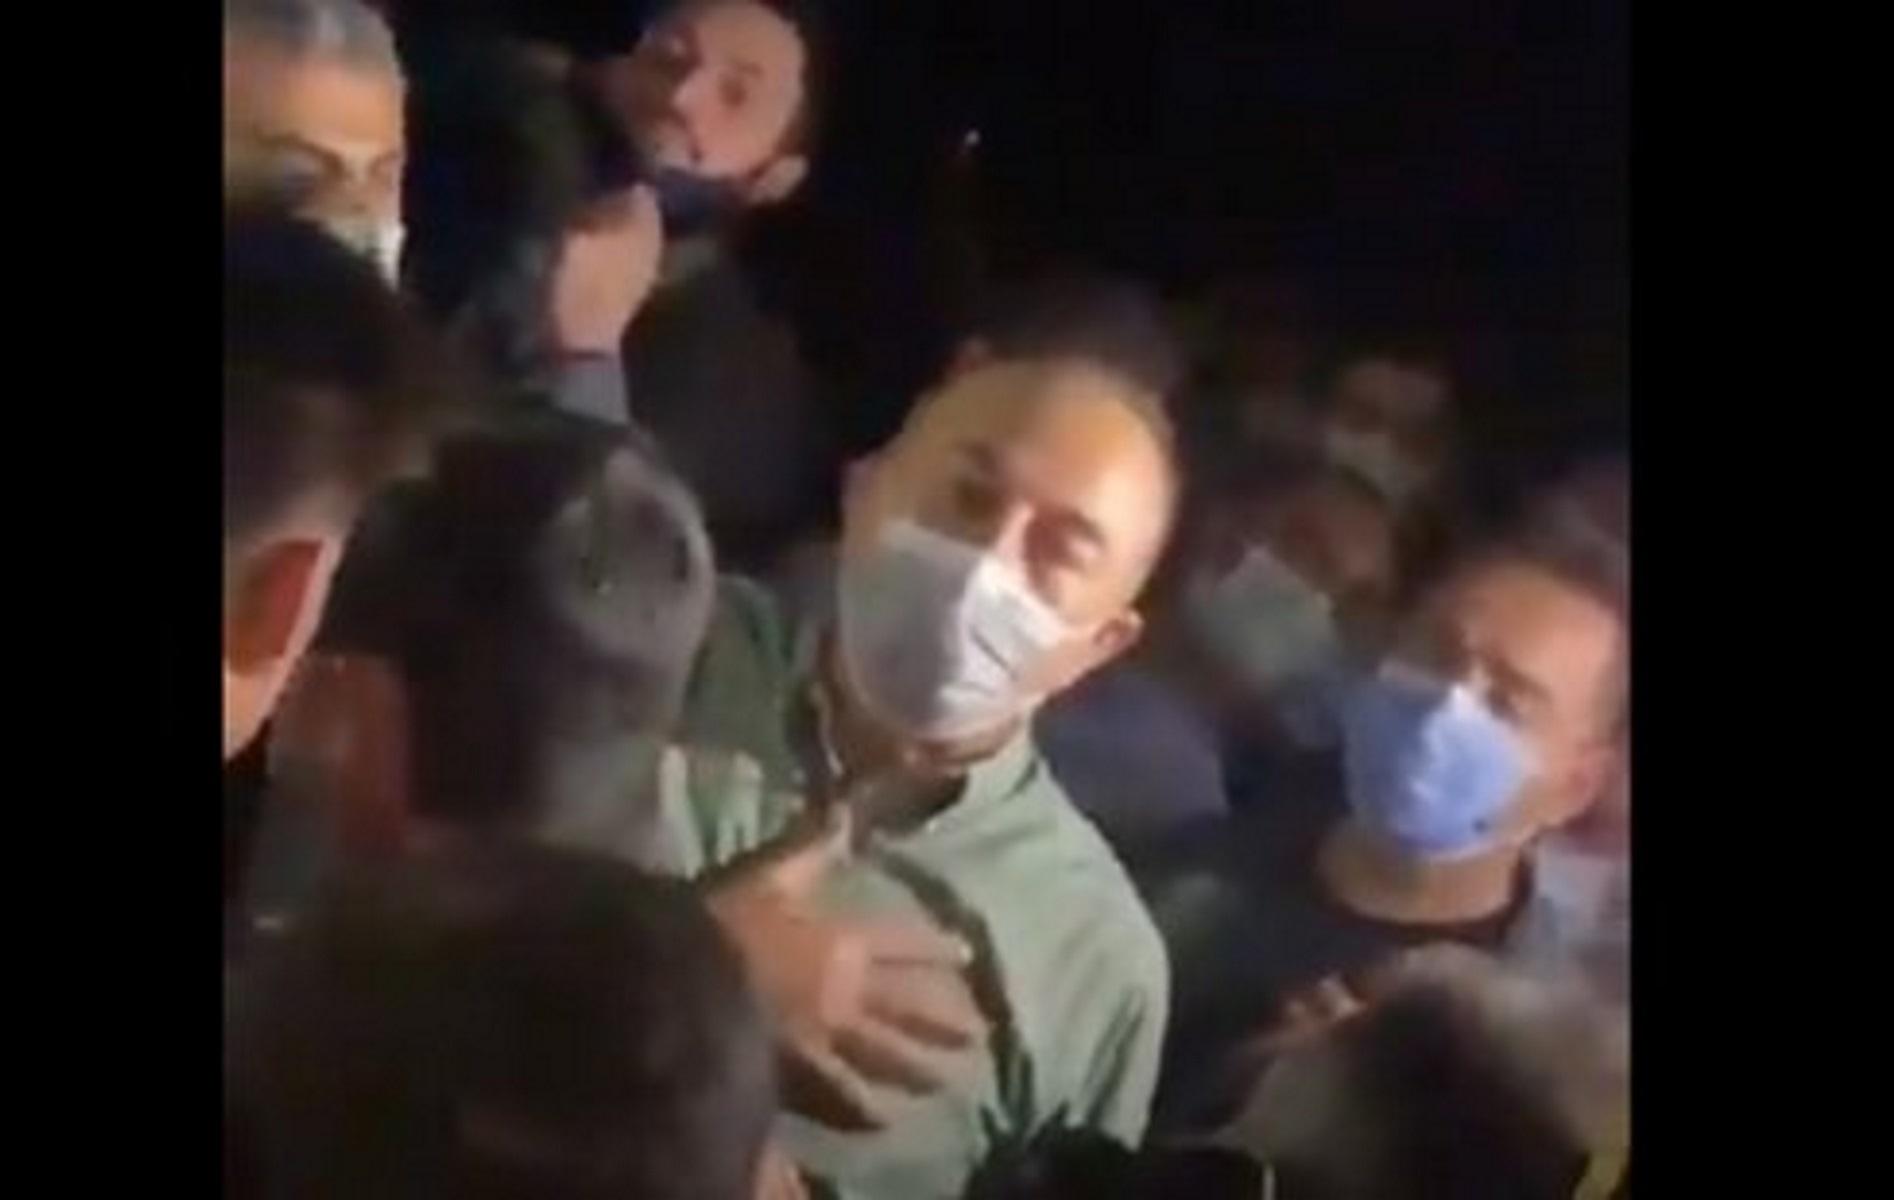 Φωτιές στην Τουρκία: Οργισμένοι κάτοικοι επιτέθηκαν στον Τσαβούσογλου